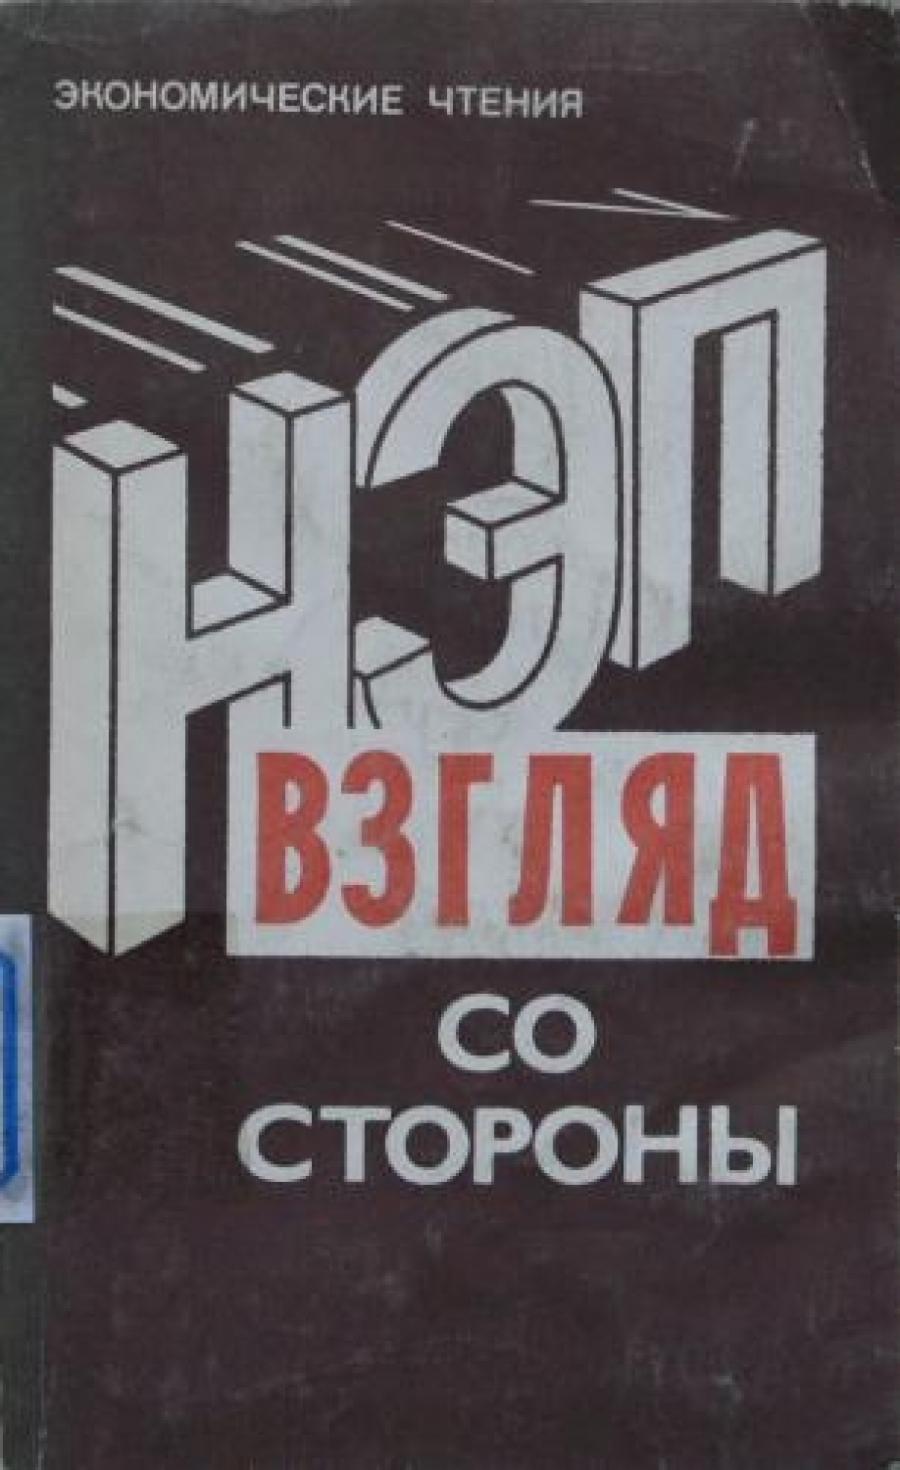 Обложка книги:  кудрявцев в.в. - нэп. взгляд со стороны. сборник